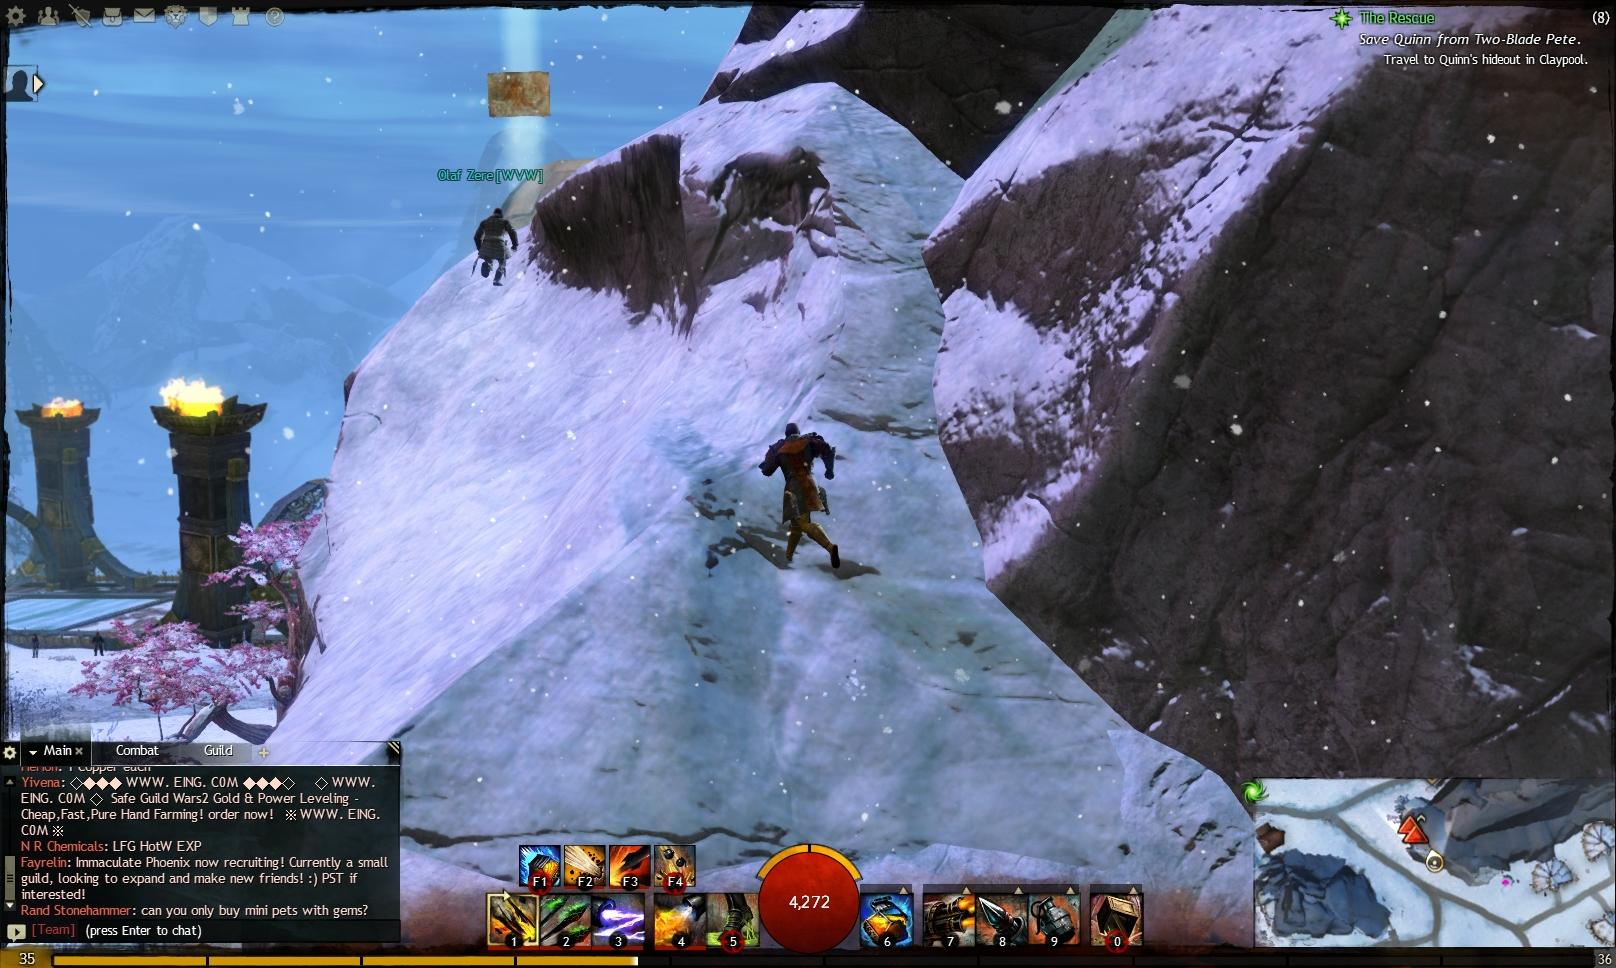 Guild Wars 2 - Vistas in Hoelbrak - 02 Frost Basin